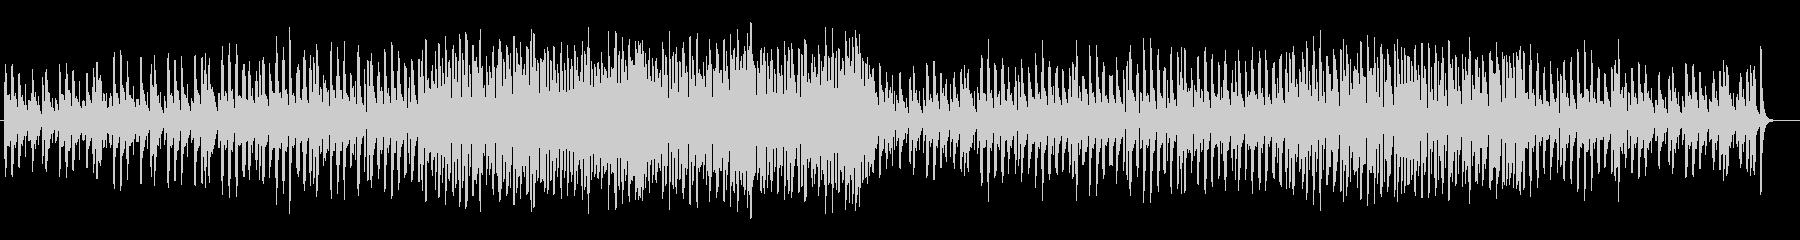 可愛らしく弾む木琴シンセサイザー曲の未再生の波形